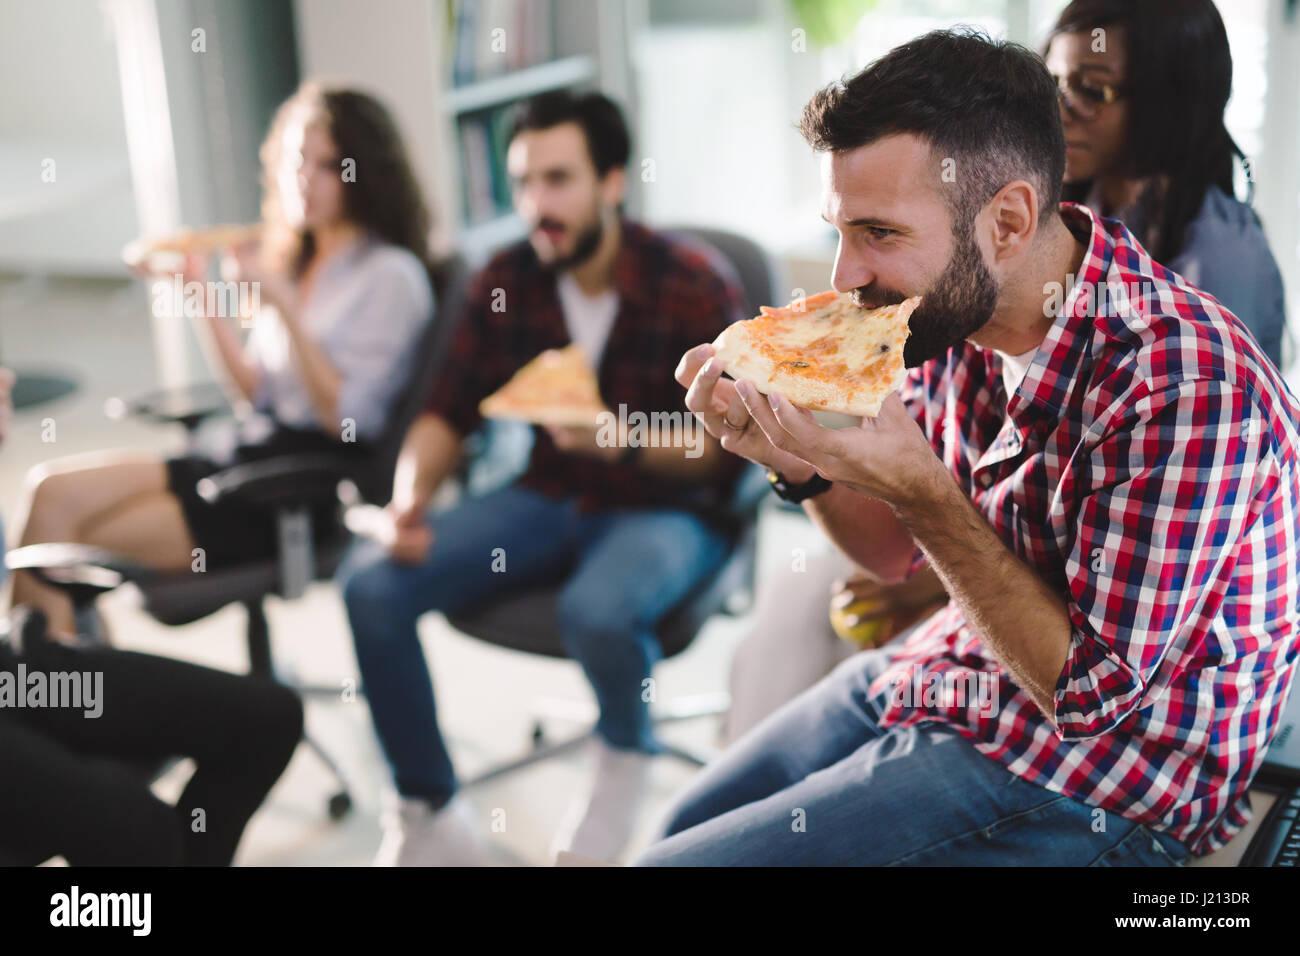 Kollegen Essen Pizza Wahrend Der Arbeit Im Buro Zu Brechen Stockfoto